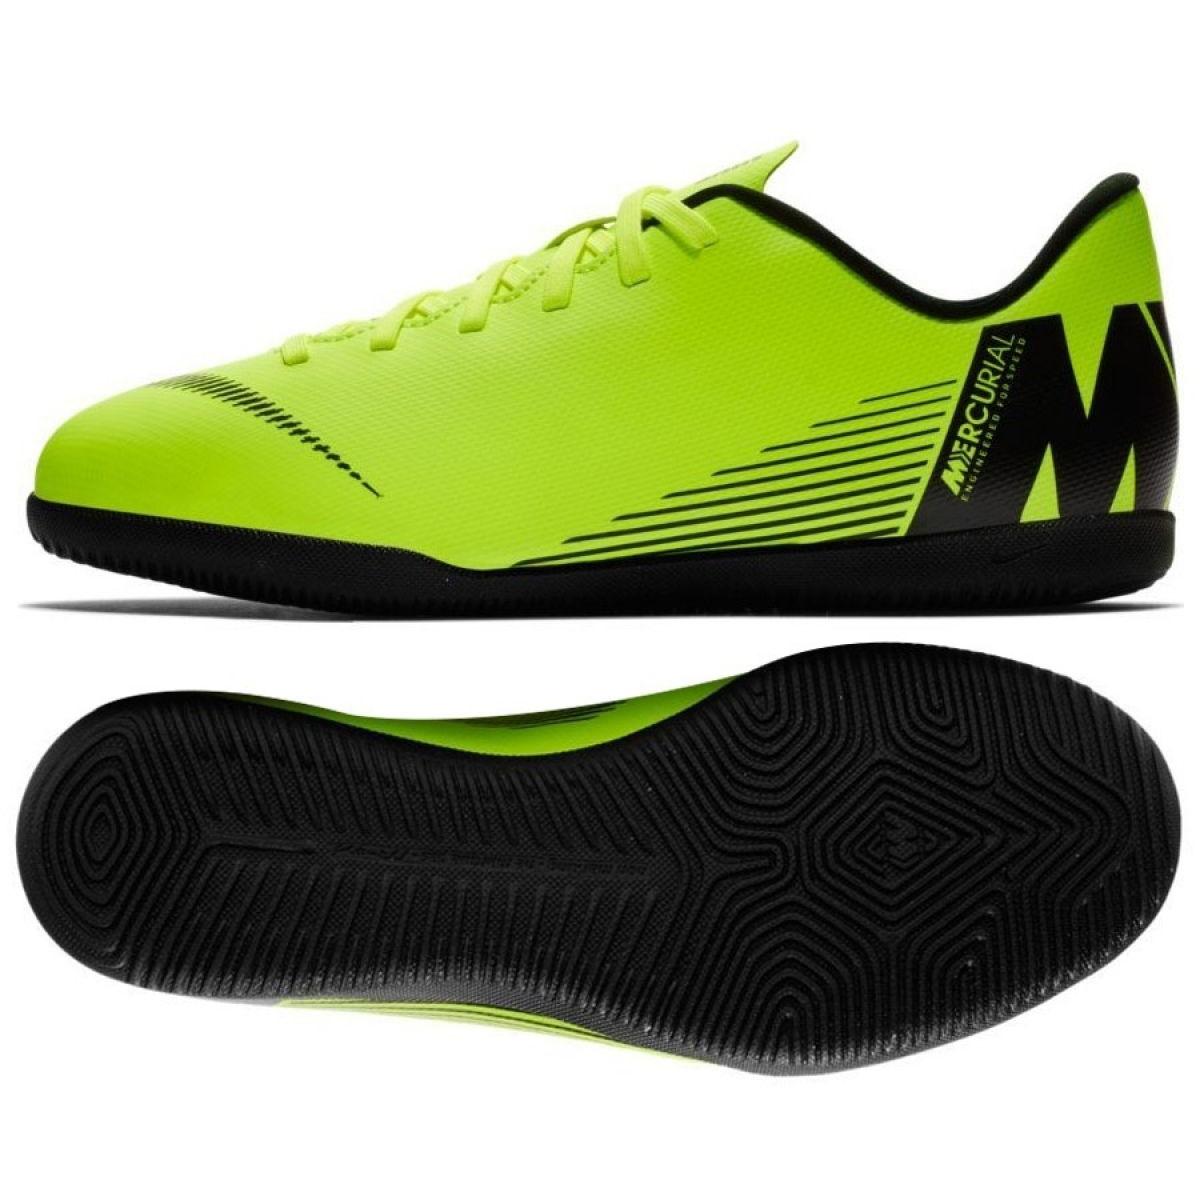 meet 5c874 cc35a Indoor shoes Nike Mercurial Vapor X 12 Club Ic Jr AH7354-701